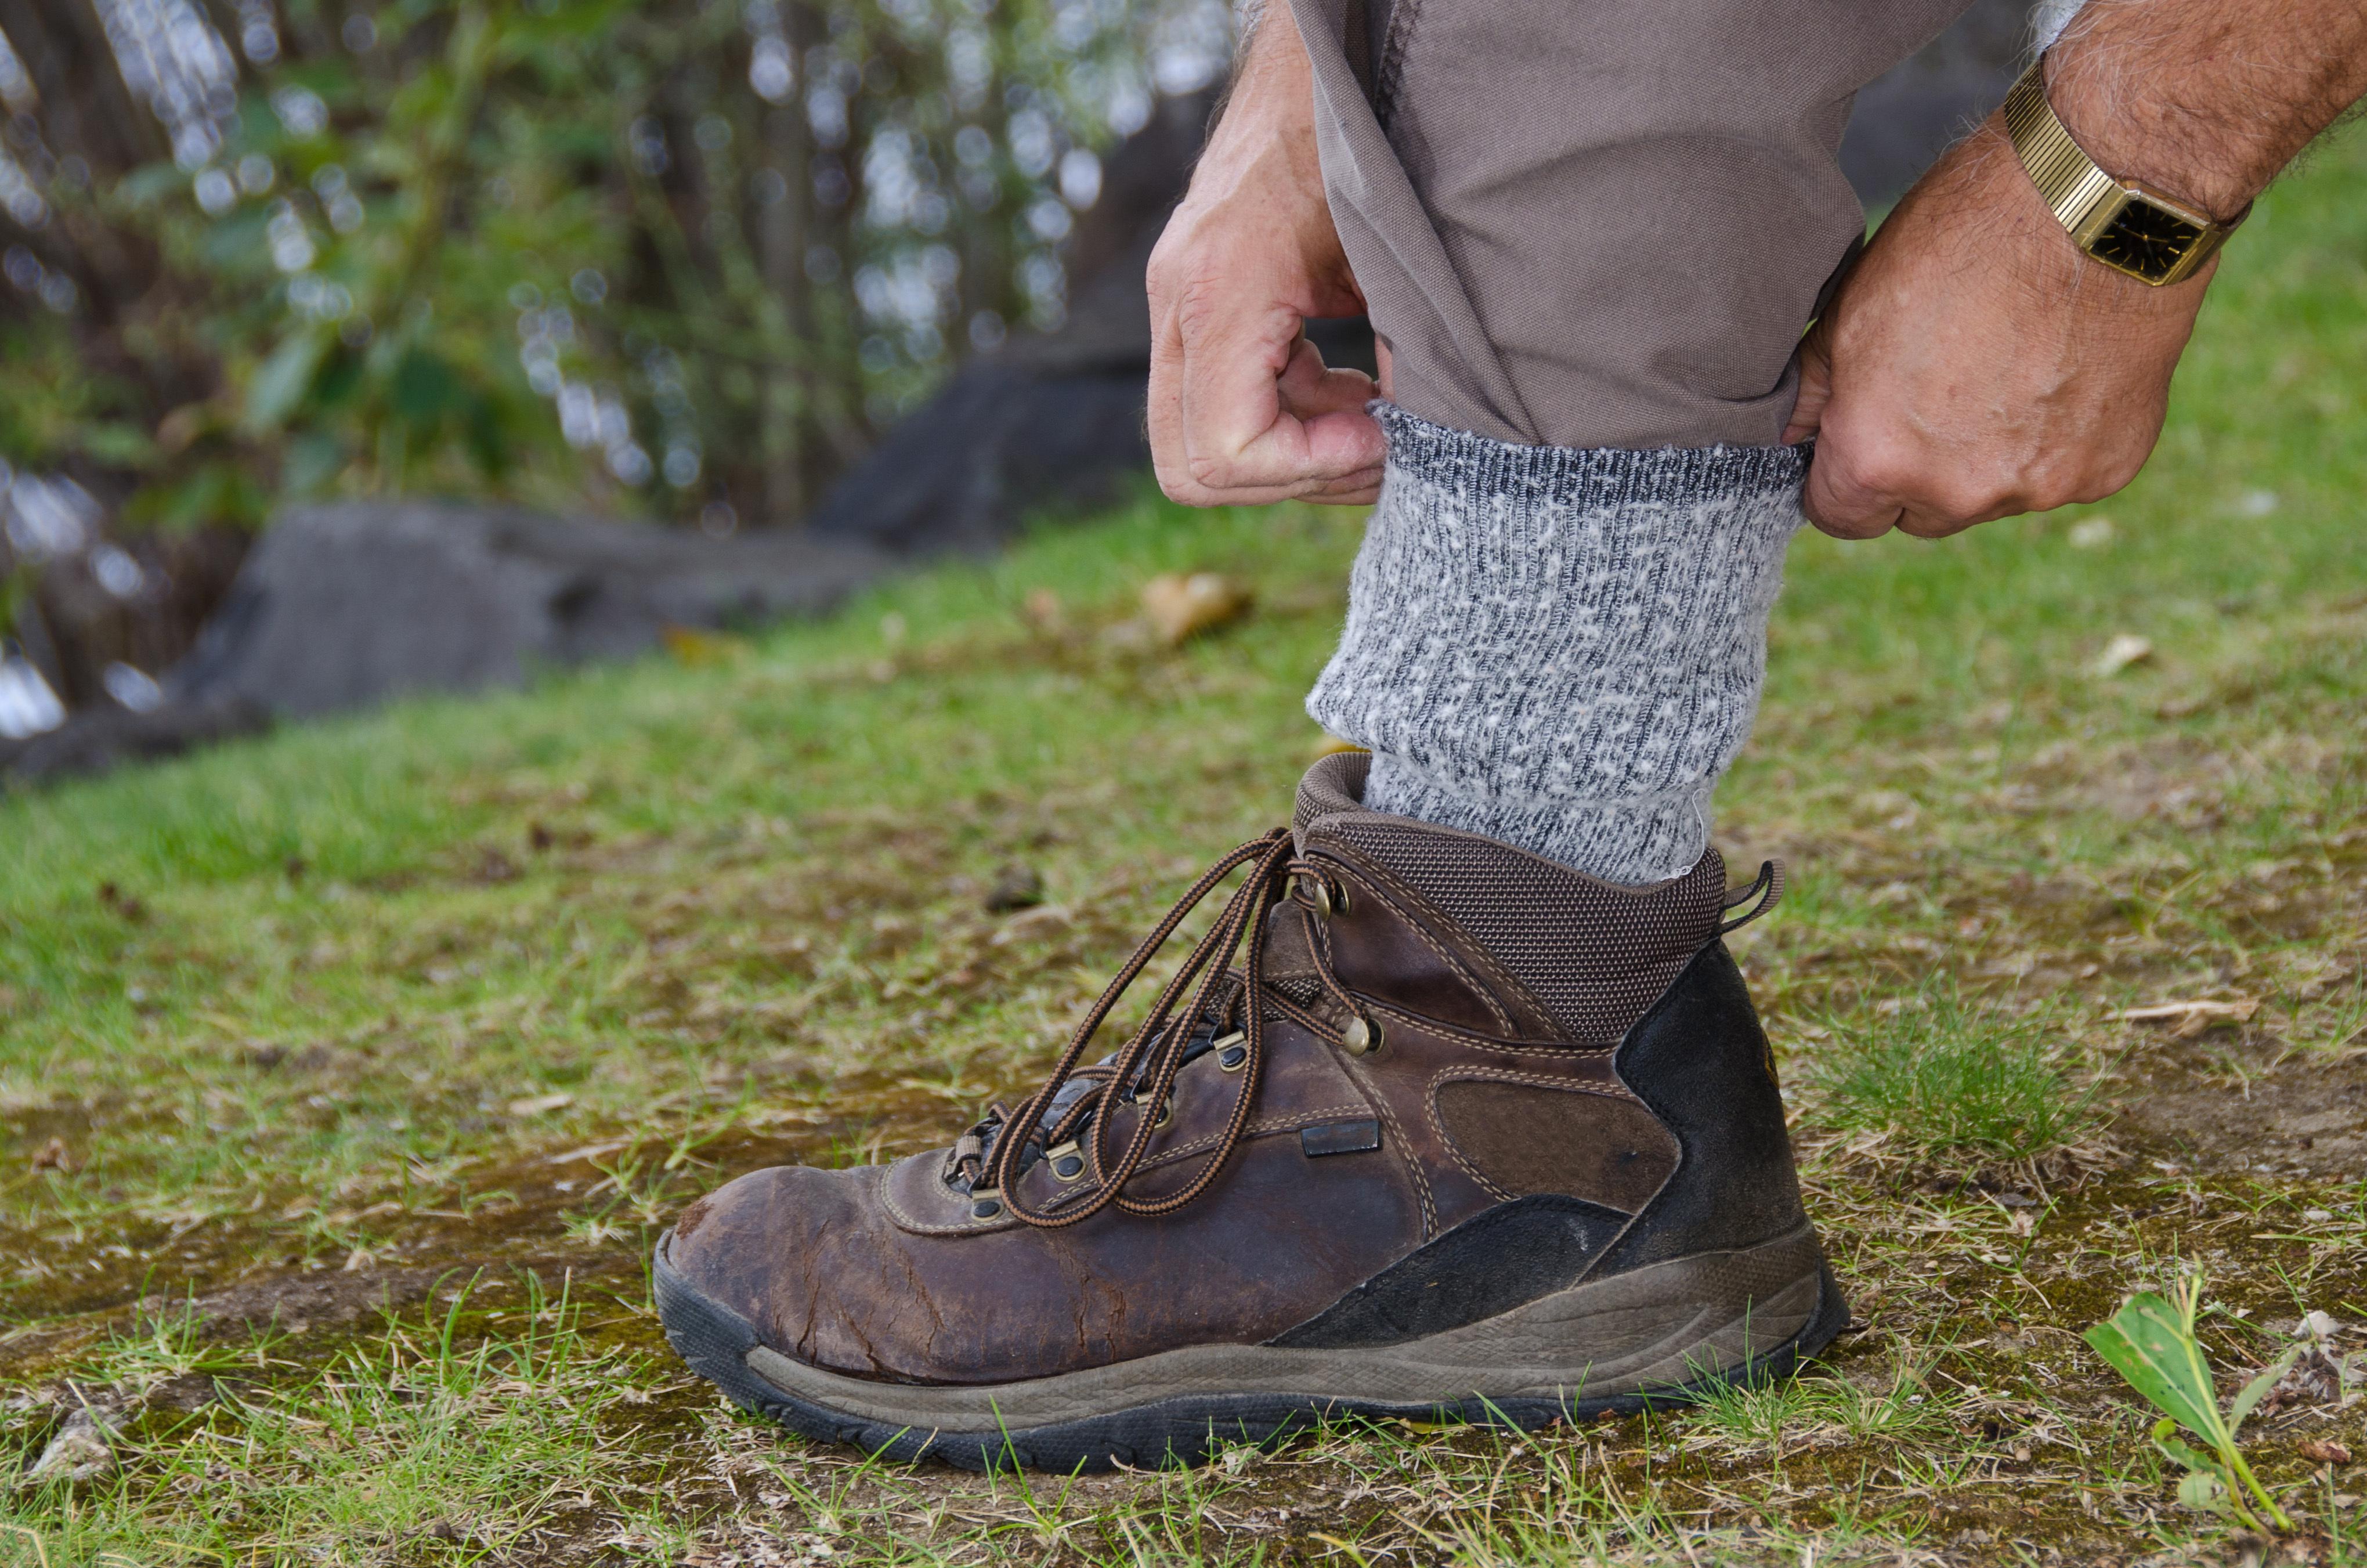 Skydda dig mot fästingar - Bär stövlar, långbyxor med byxbenen nedstoppade innanför stövelskaften.